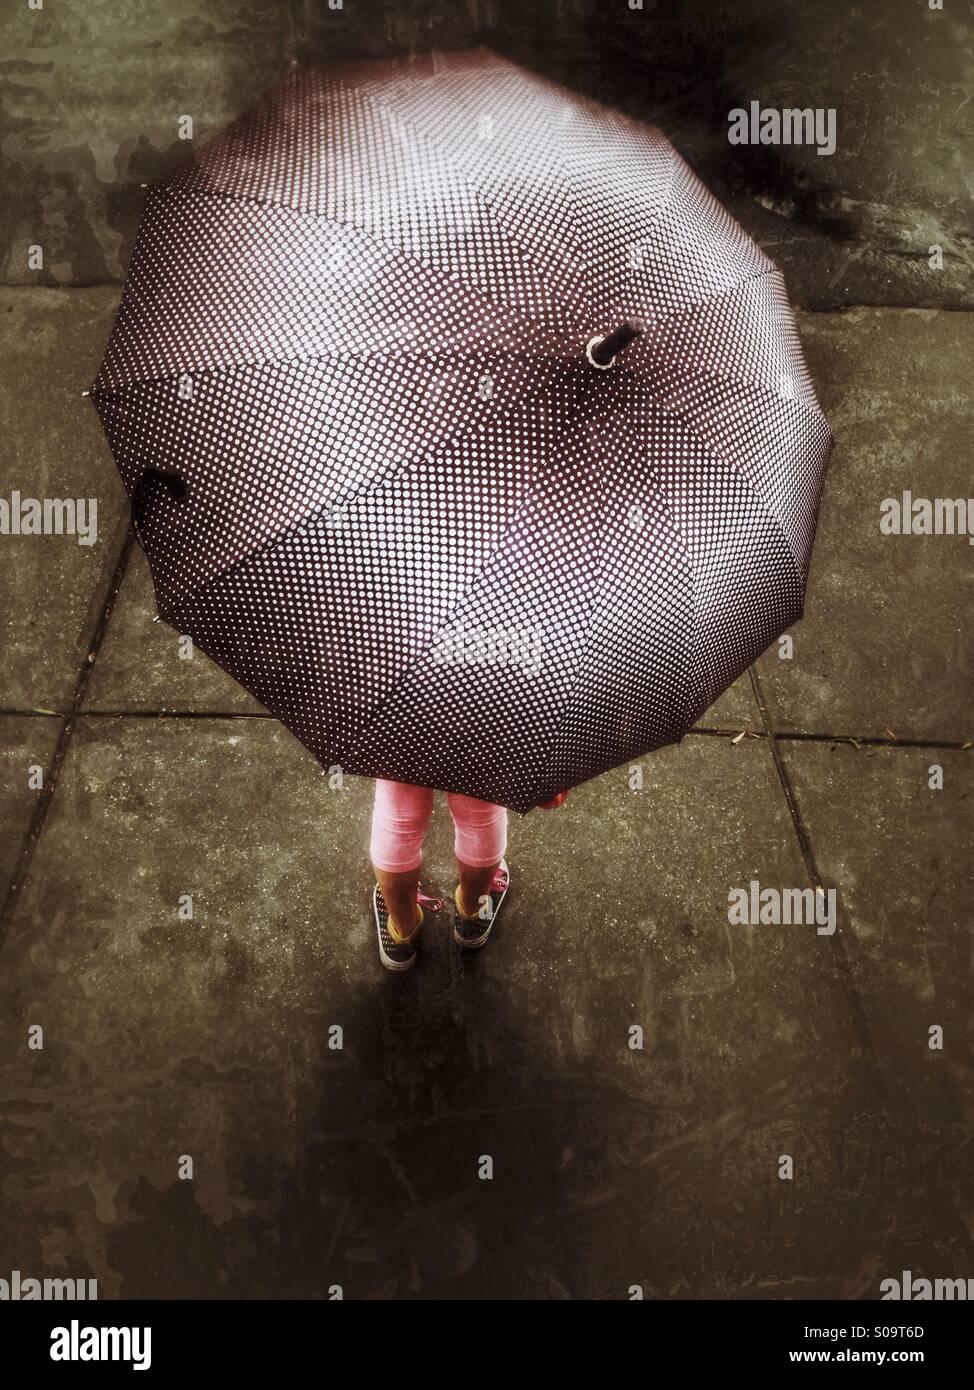 Bambina sotto un ombrello in un giorno di pioggia. Immagini Stock